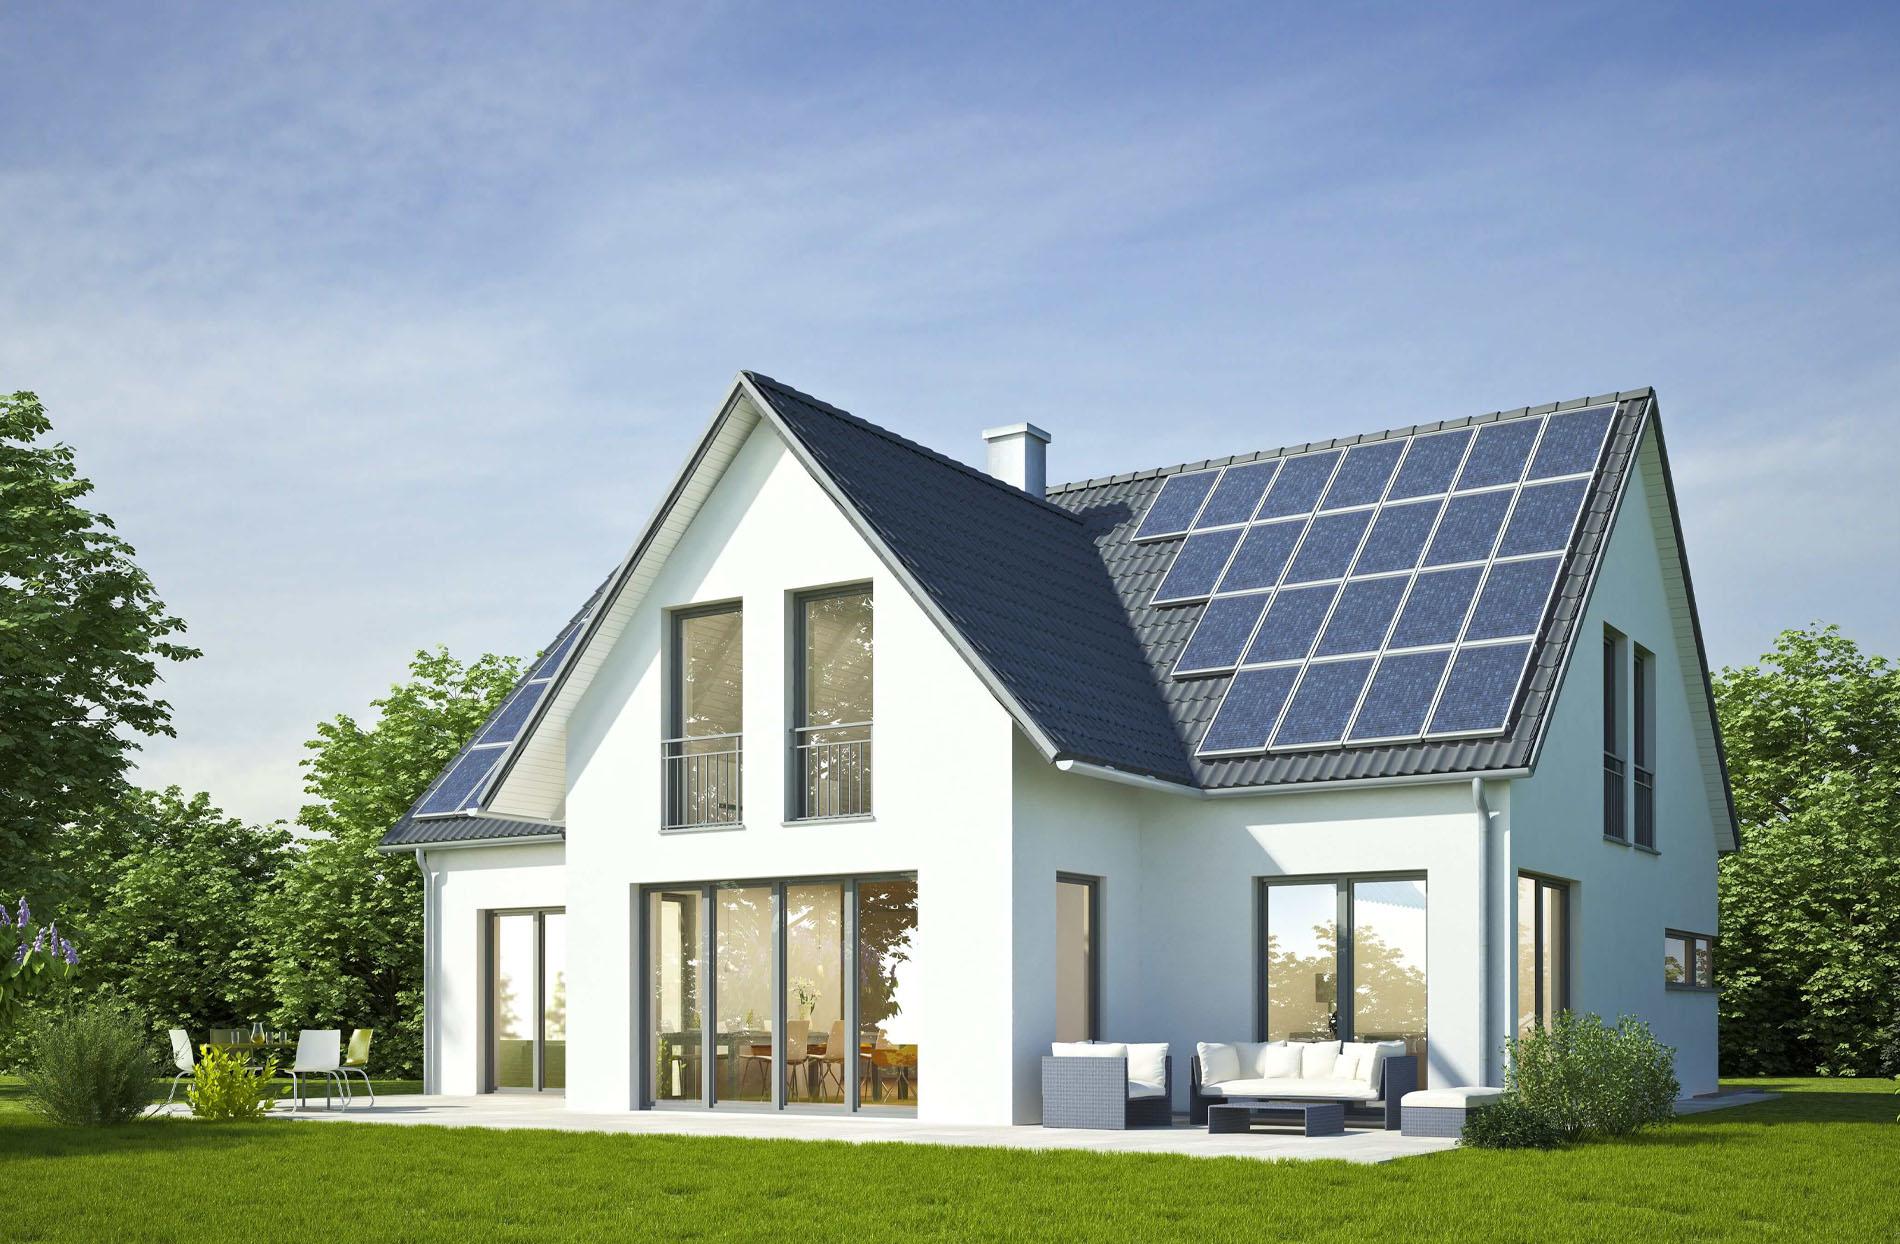 Stappenplan plaatsen zonnepanelen